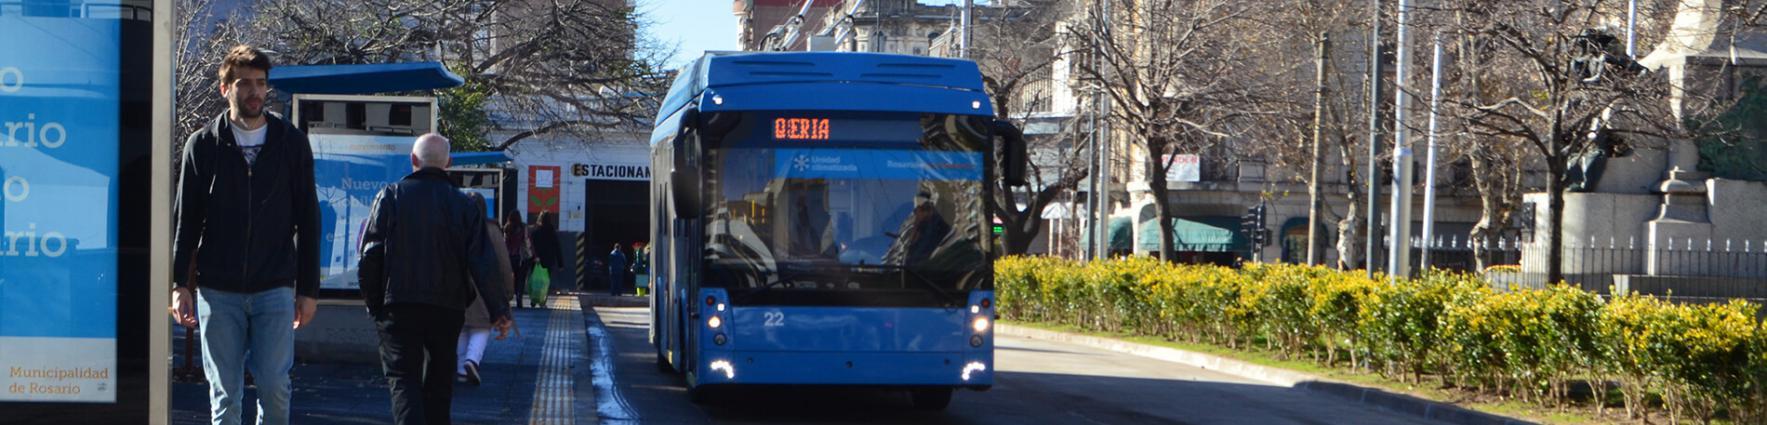 Transporte urbano de pasajeros. Línea Q